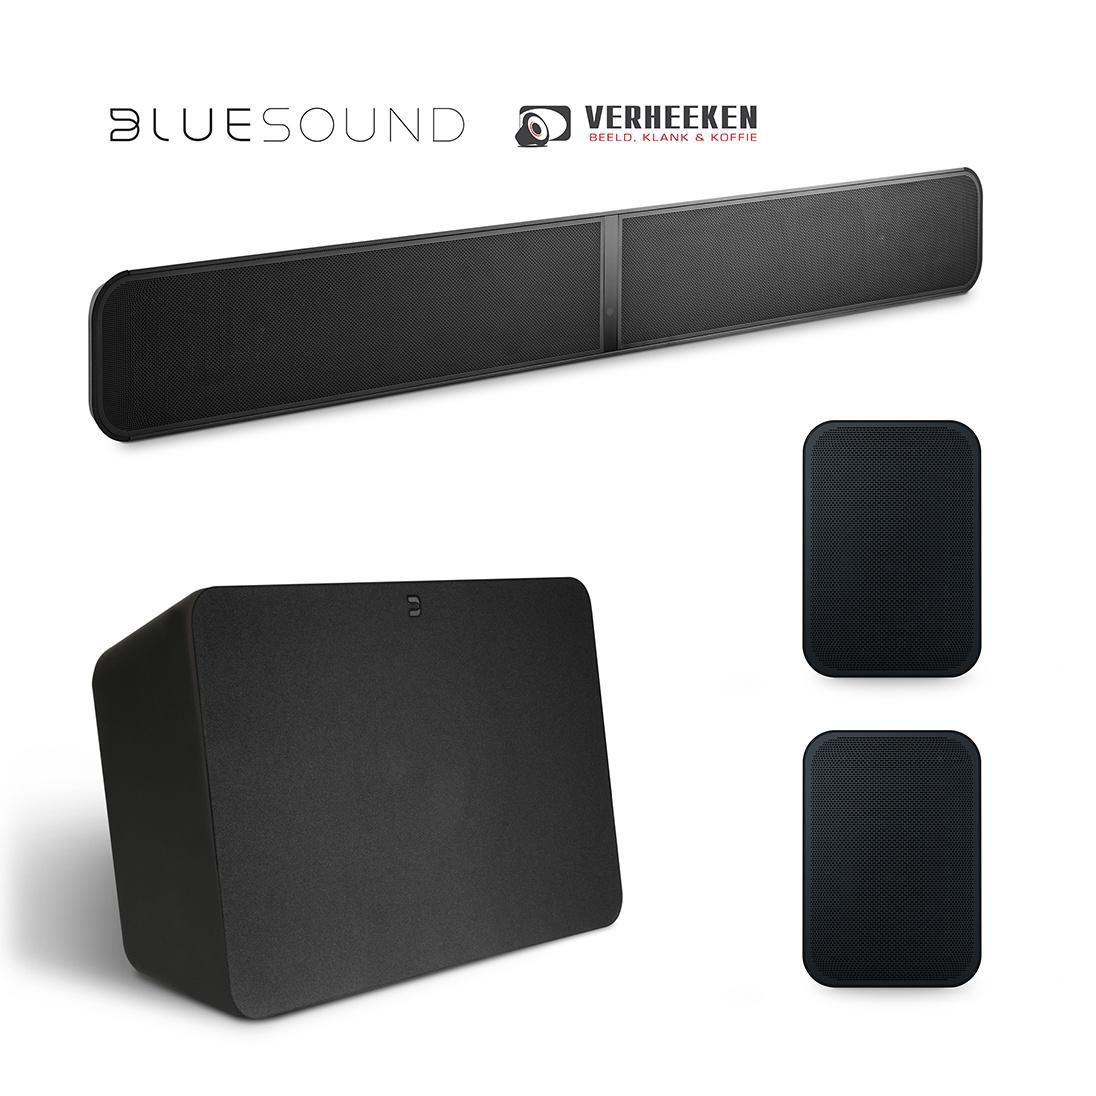 Bluesound Bluesound Surround setup